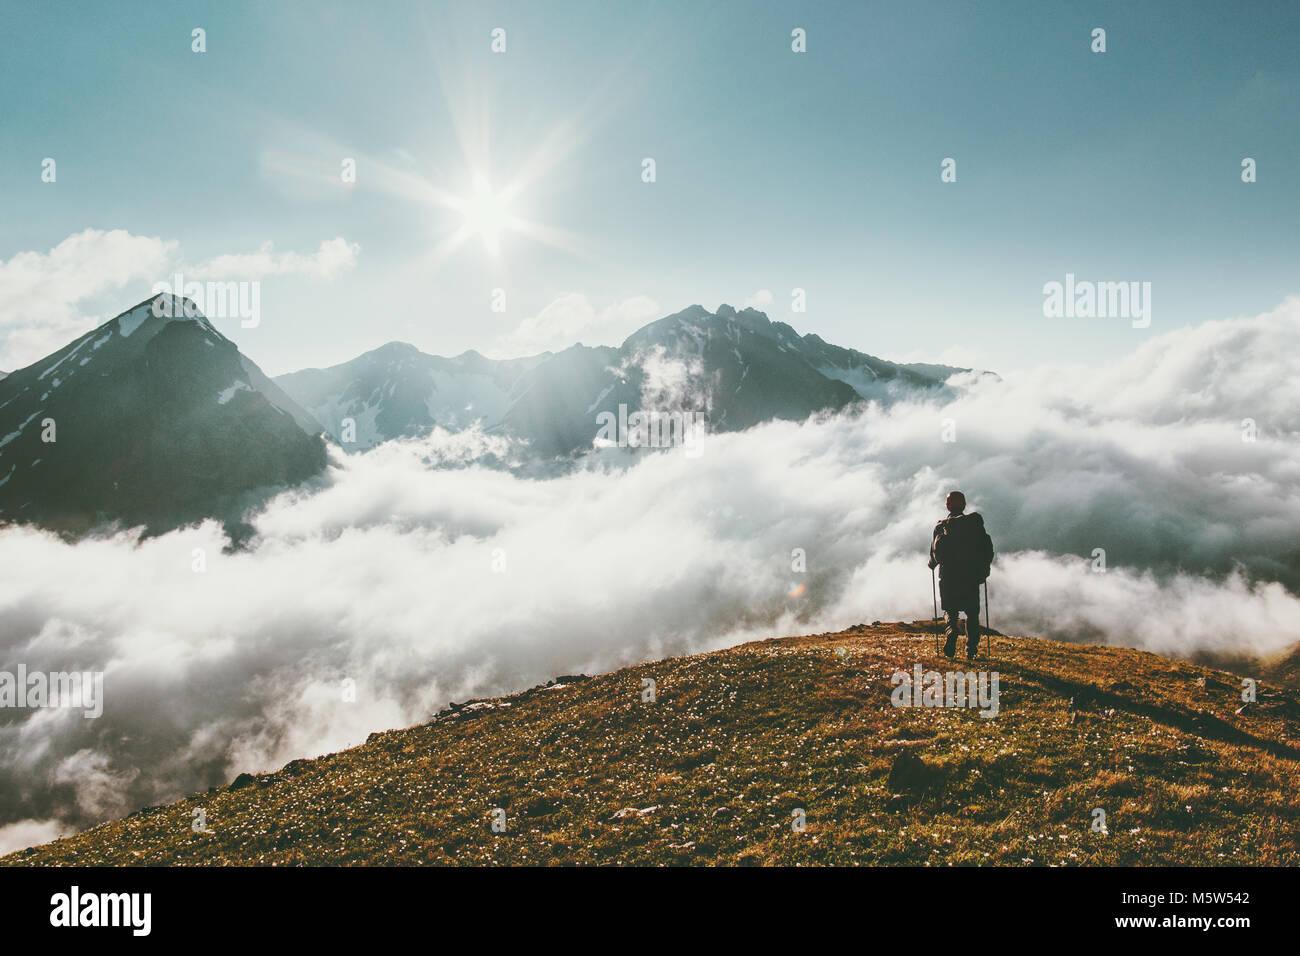 Viajero senderismo en las montañas nubes paisaje Viajes concepto de aventura en el estilo de vida al aire libre Imagen De Stock